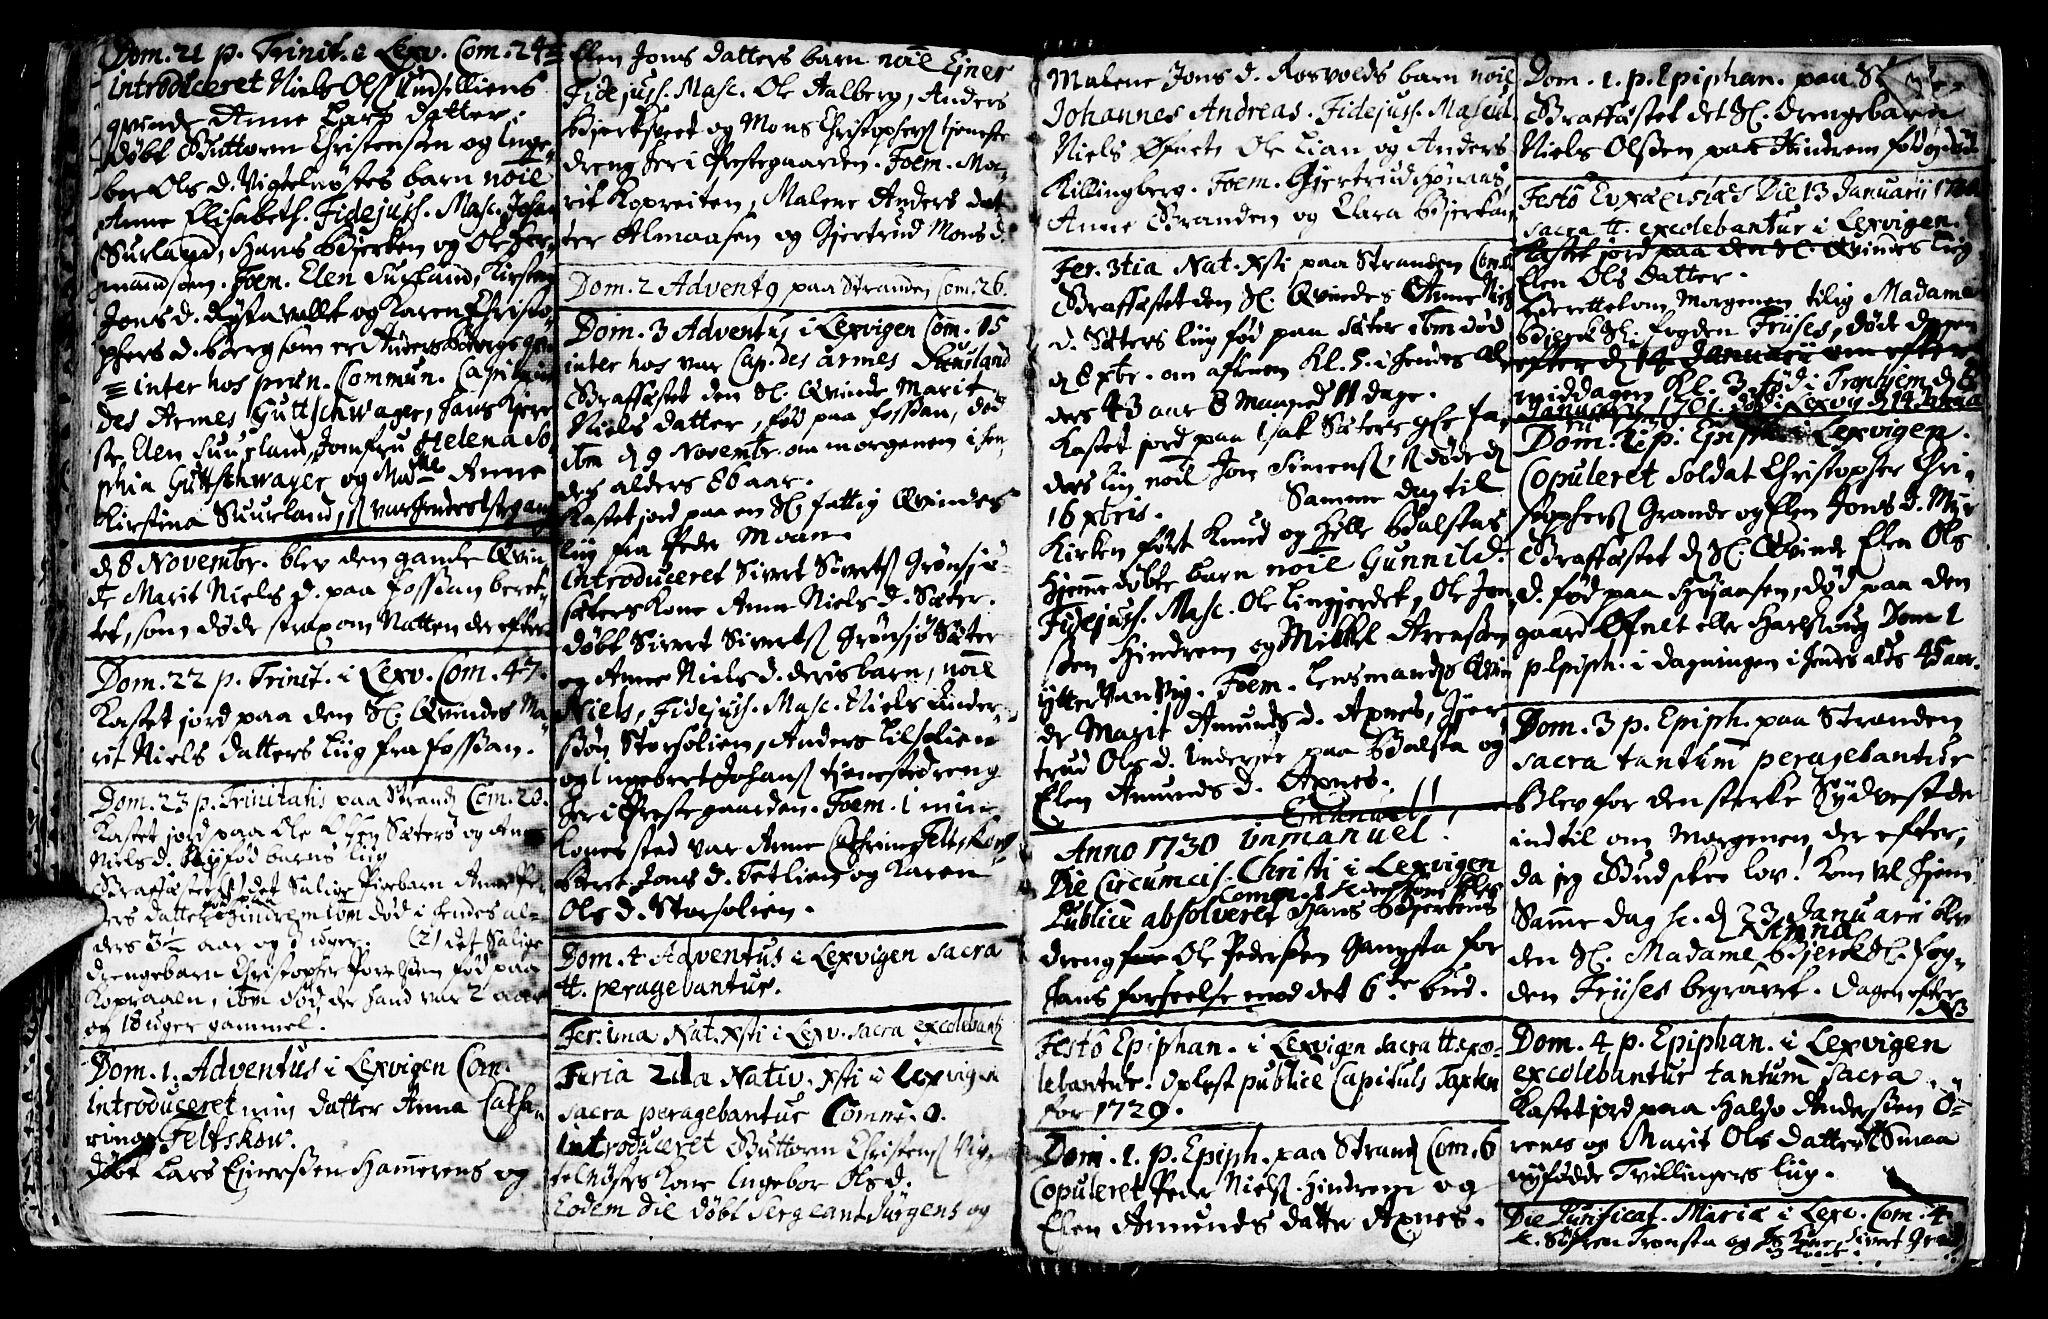 SAT, Ministerialprotokoller, klokkerbøker og fødselsregistre - Nord-Trøndelag, 701/L0001: Ministerialbok nr. 701A01, 1717-1731, s. 49